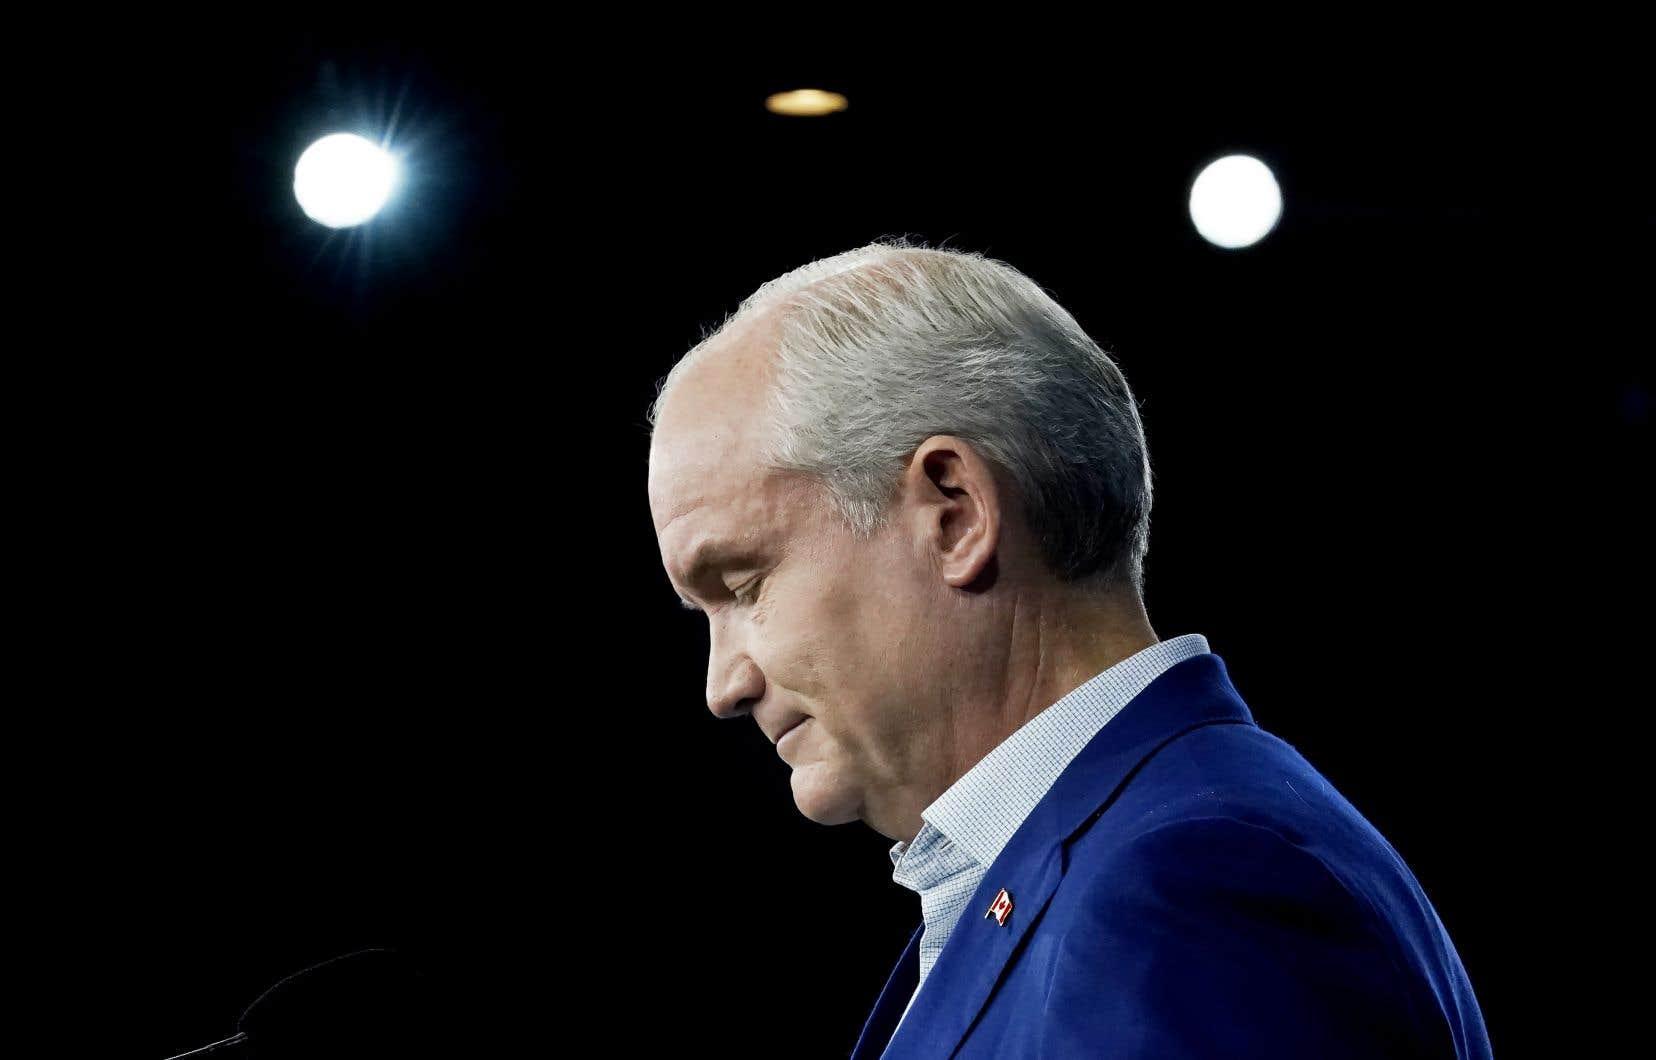 Il a fallu moins de 48heures pour que la guerre contre le chef du Parti conservateur du Canada, Erin O'Toole, soit lancée publiquement.